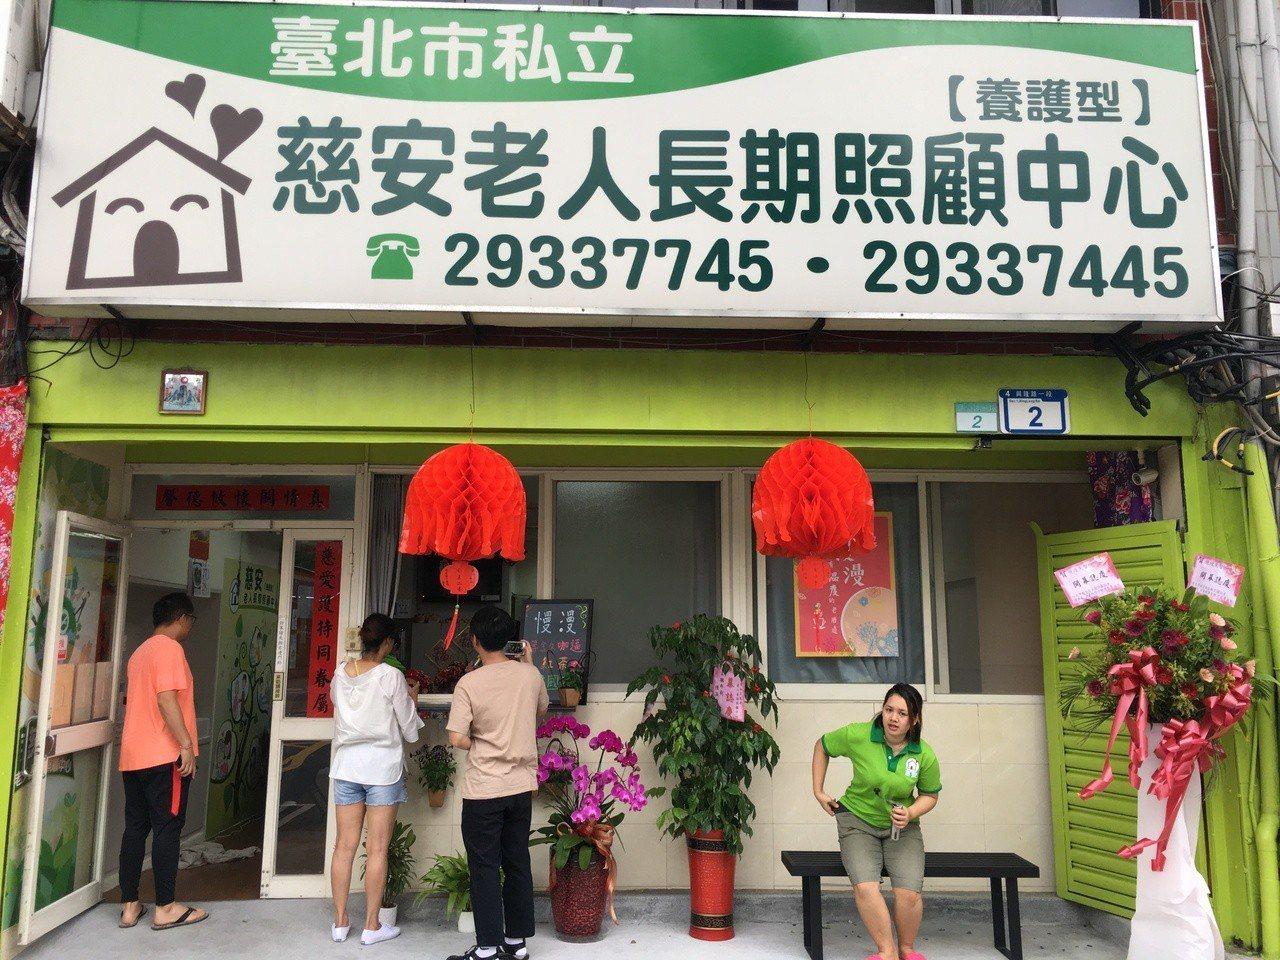 台北市私立慈安老人長期照顧中心今年初打掉門檻刷新漆,在窗邊設置「慢漫等金久咖逼」...